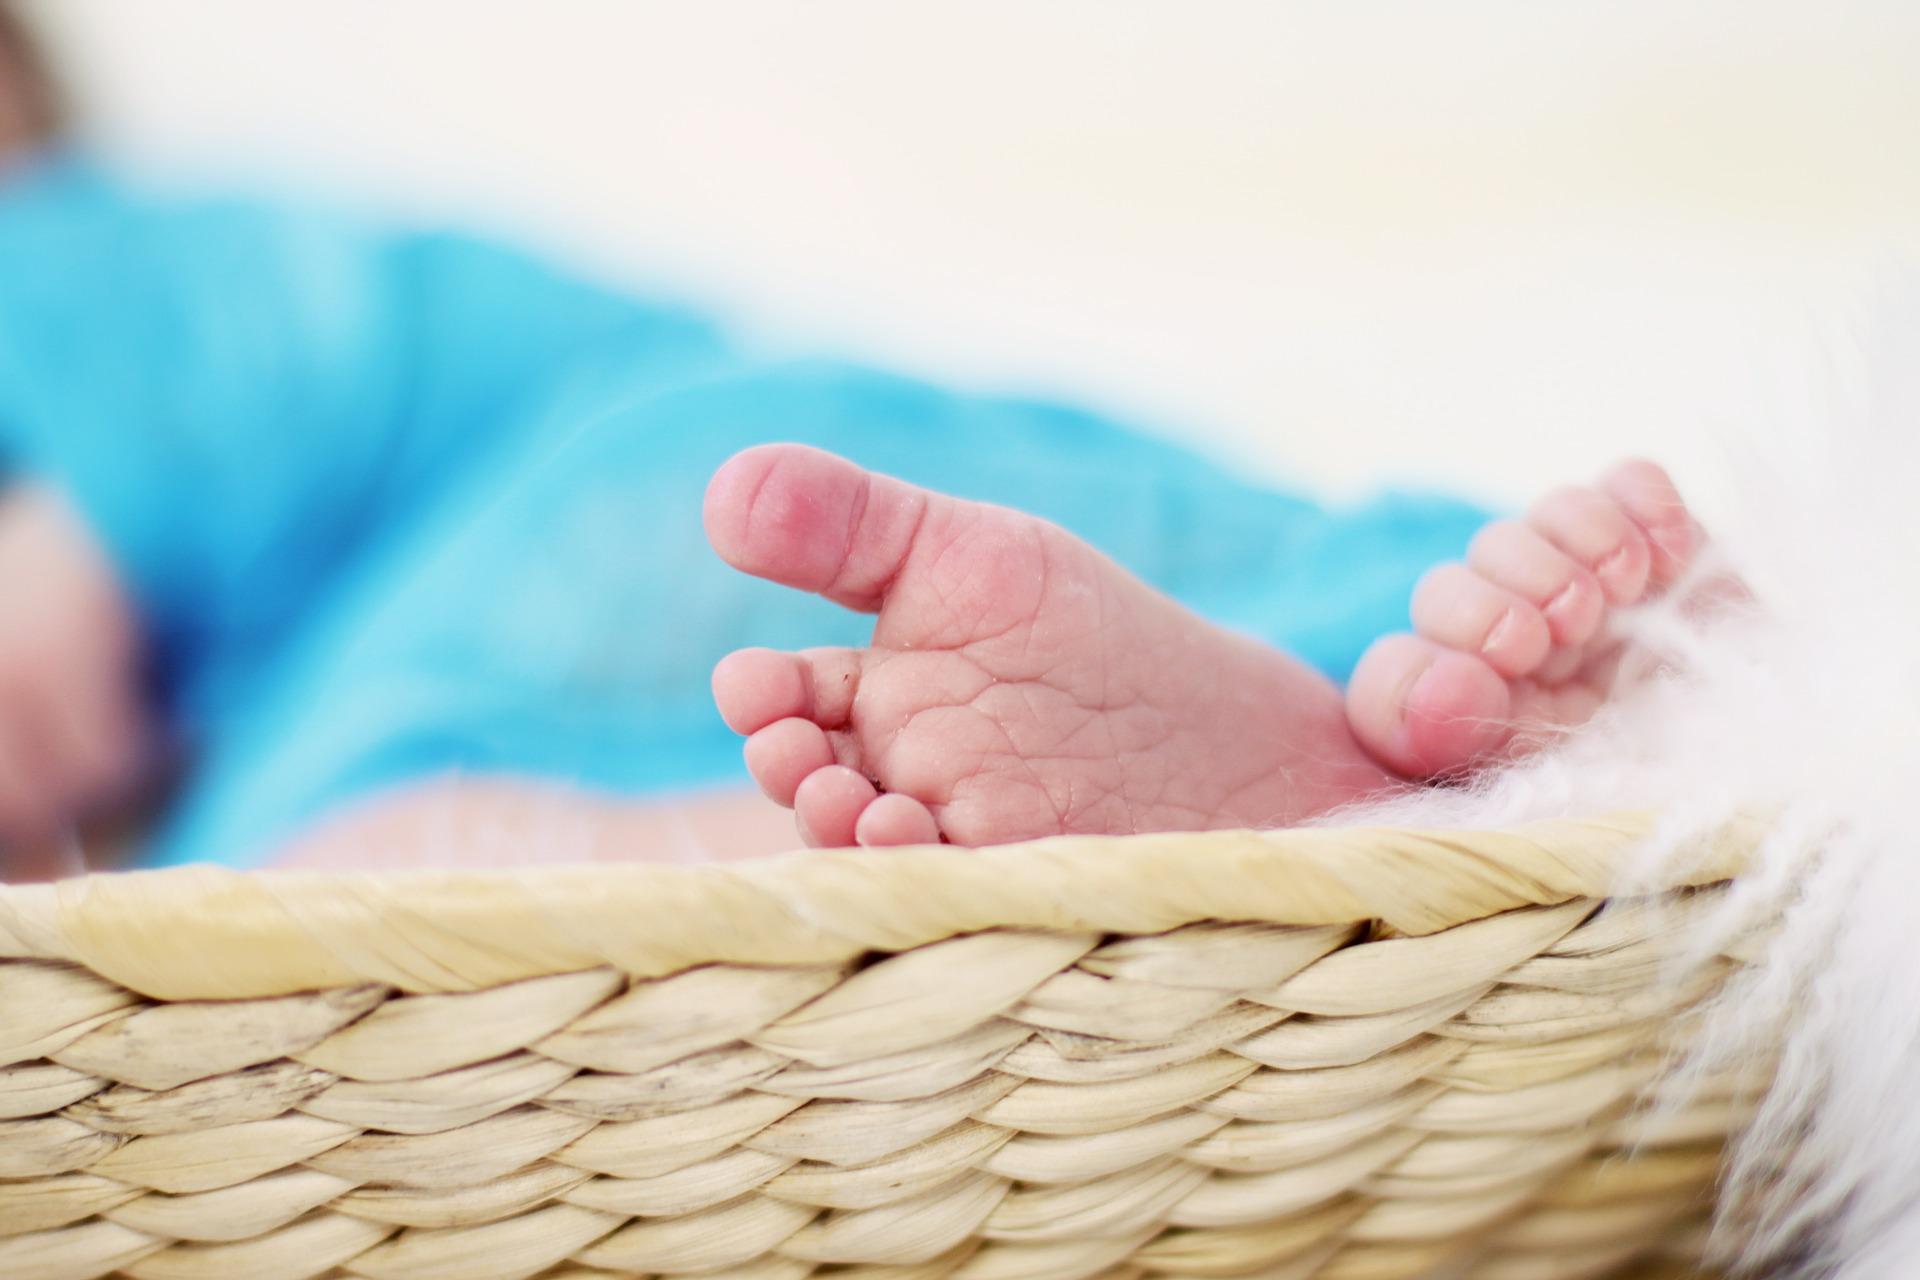 Comment préparer un retour anticipé à la maison avec bébé ?